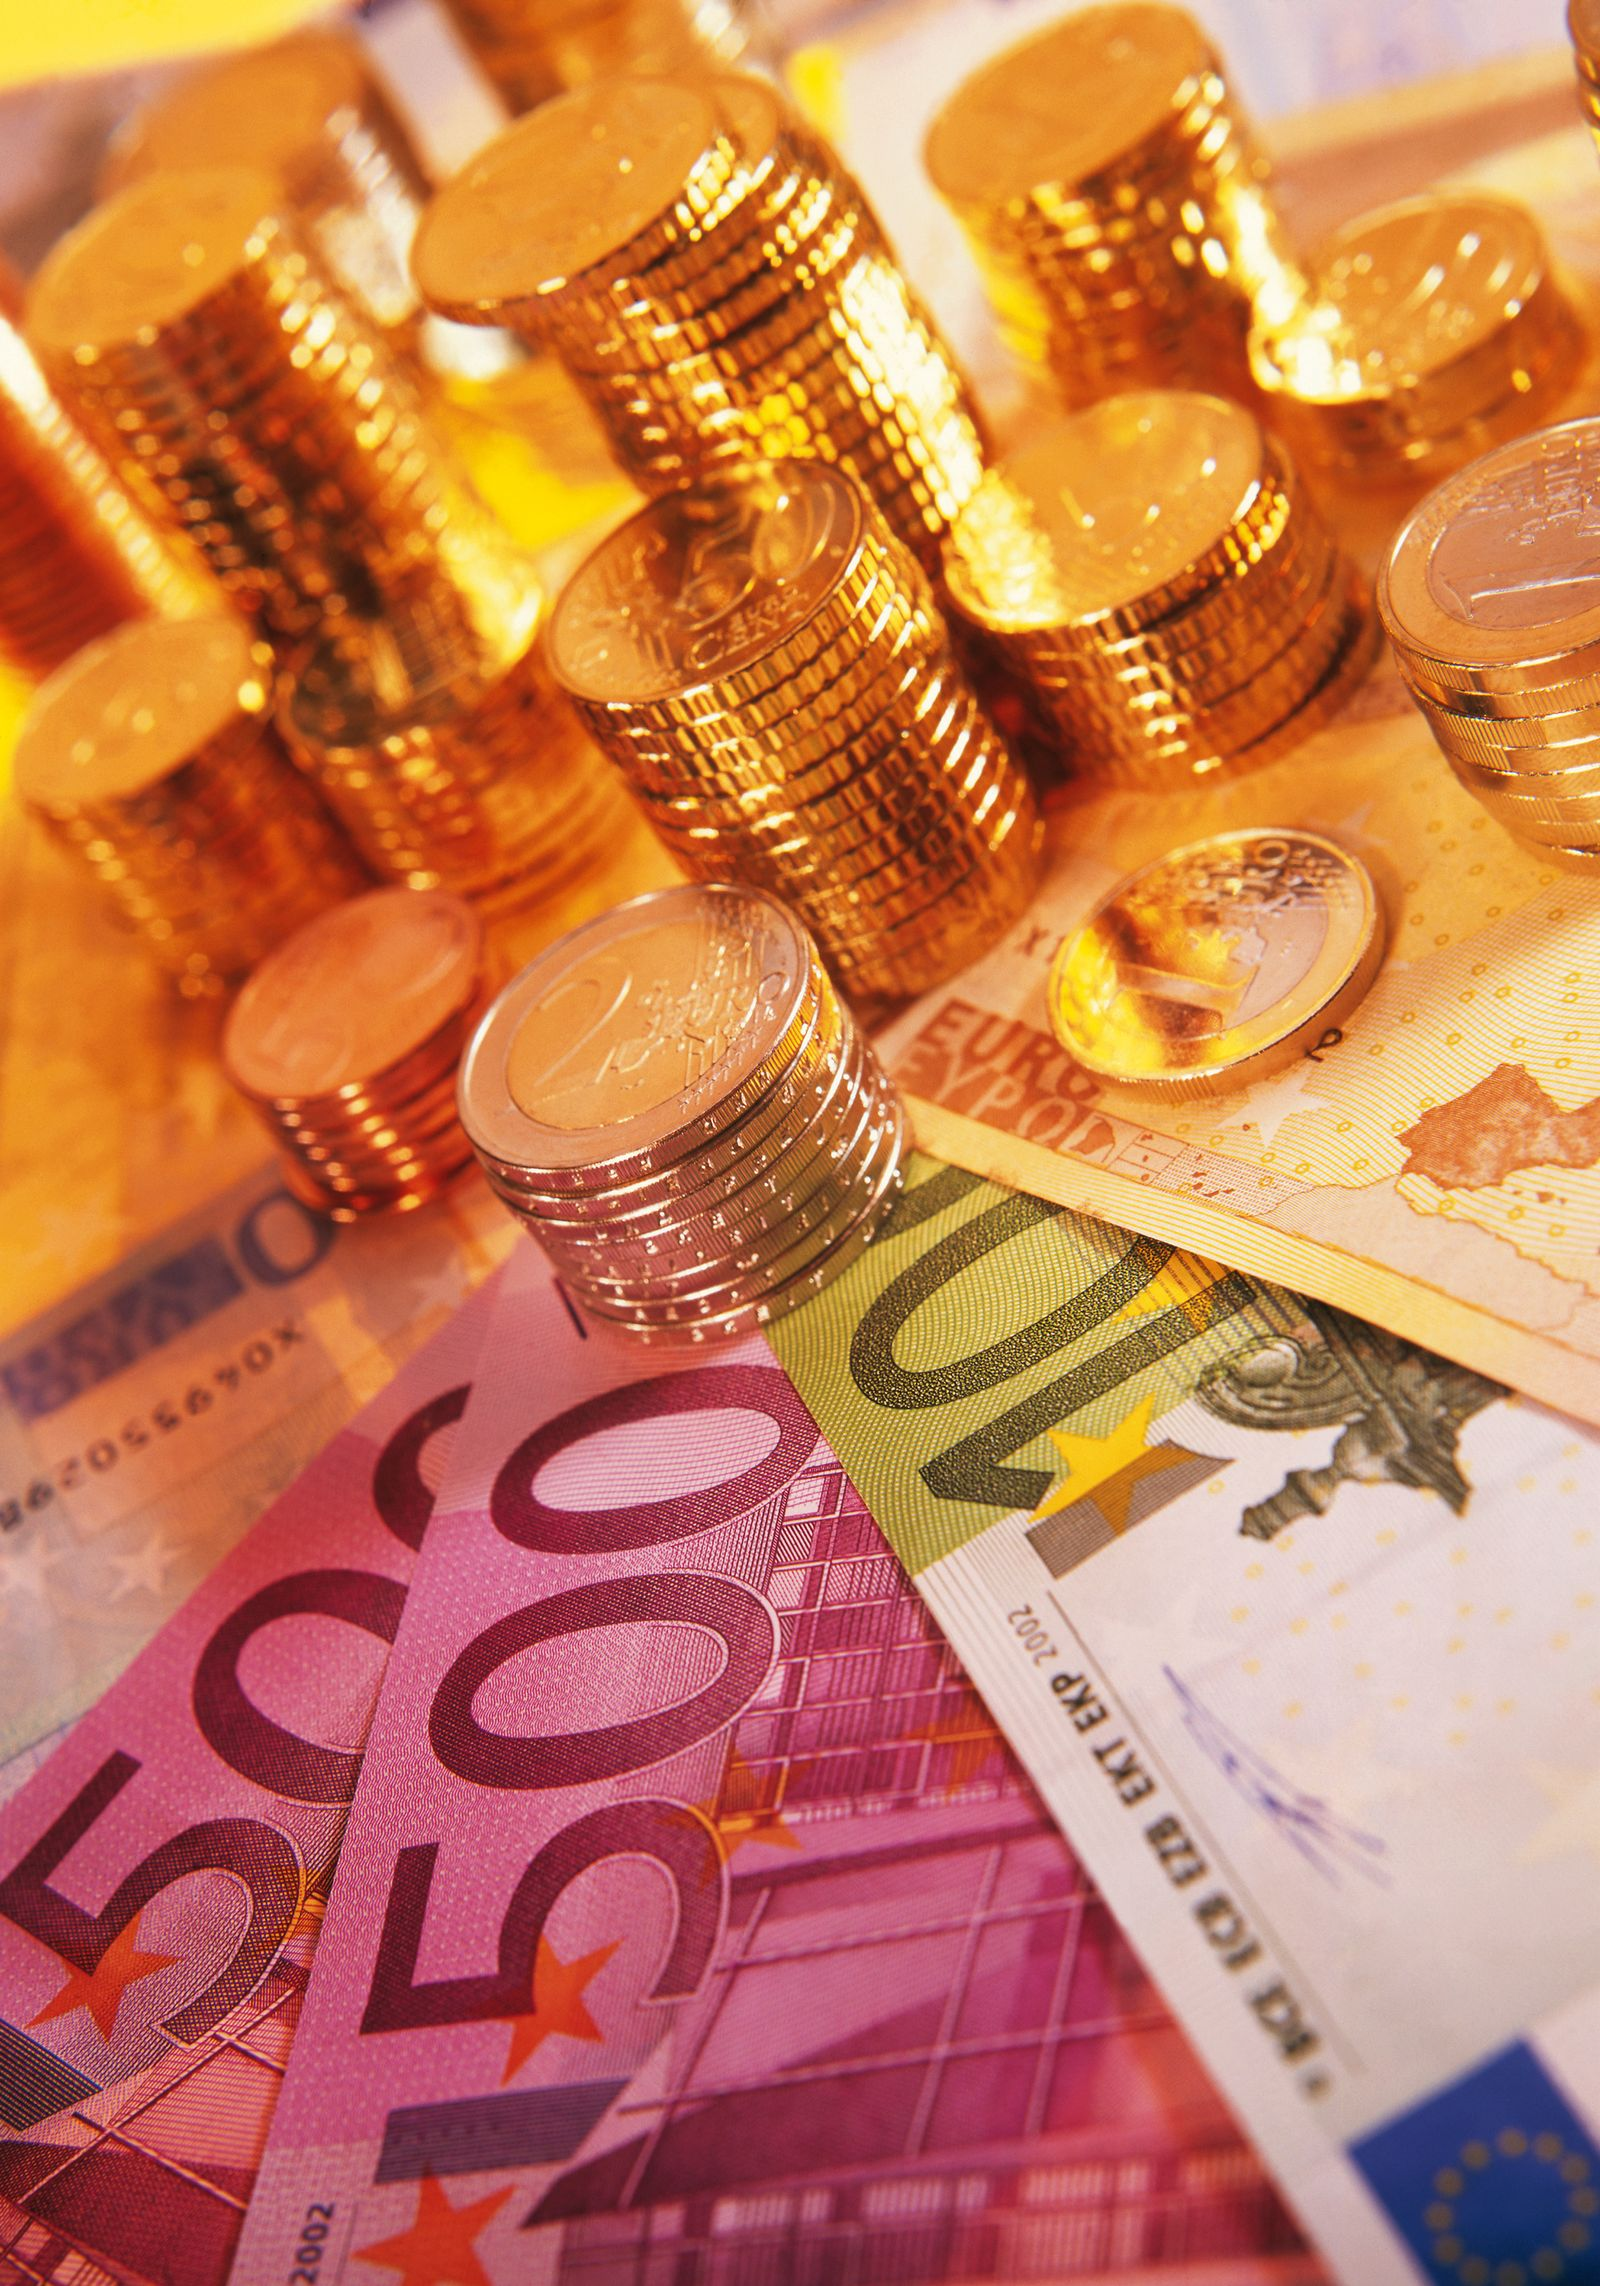 NICHT MEHR VERWENDEN! - Euro / Geldscheine / Reichtum